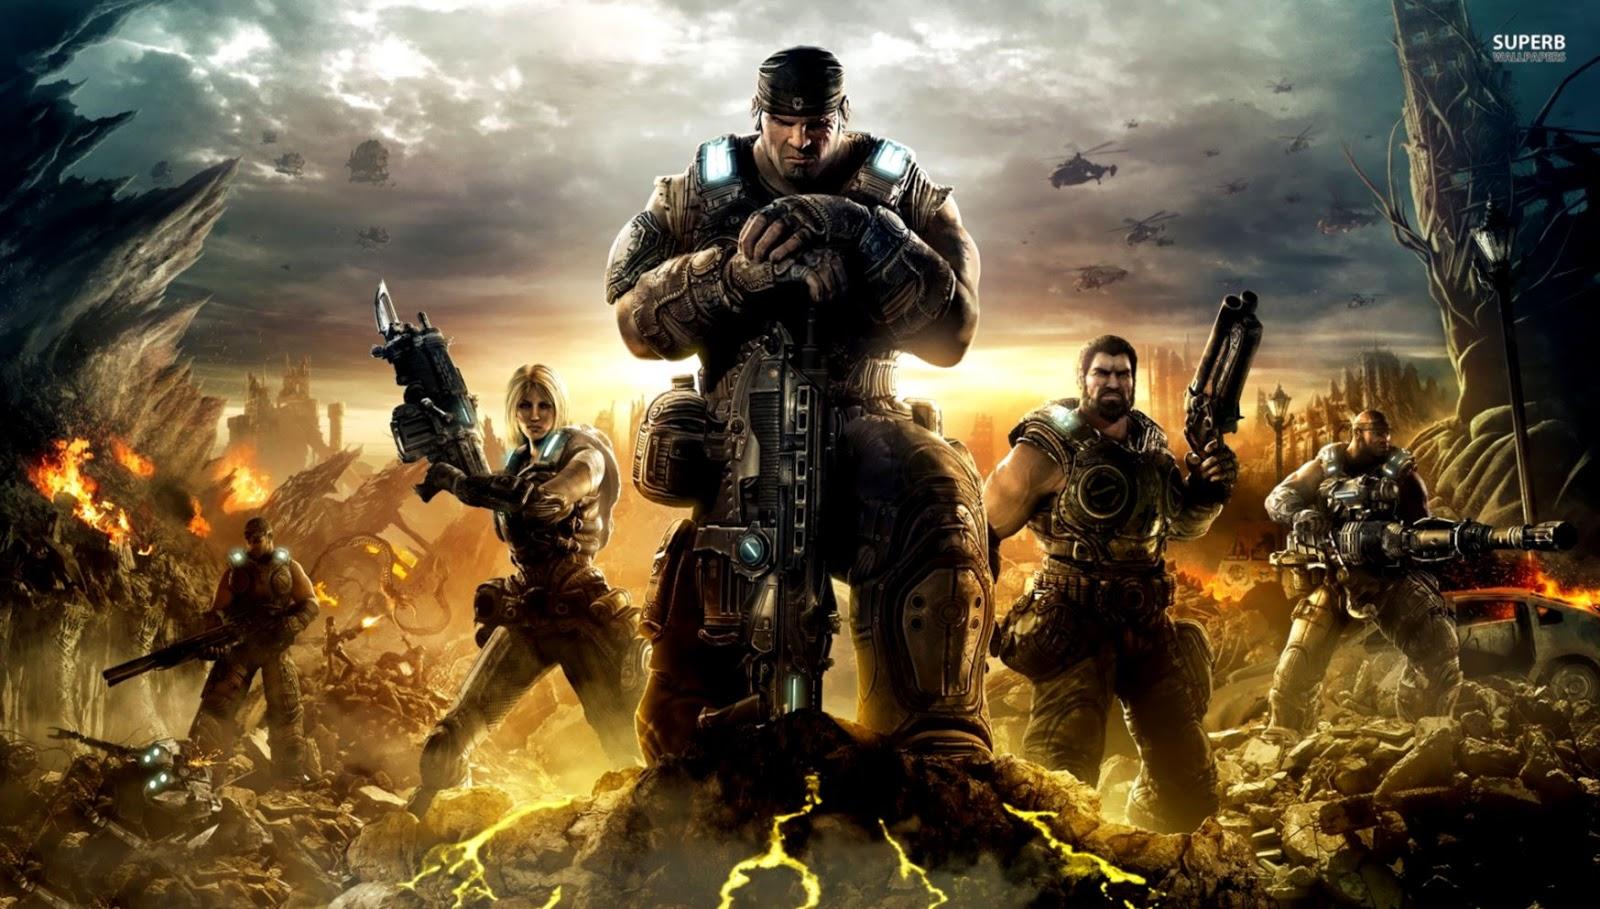 Gears Of War Wallpaper - Gears Of War 4 Hd - HD Wallpaper